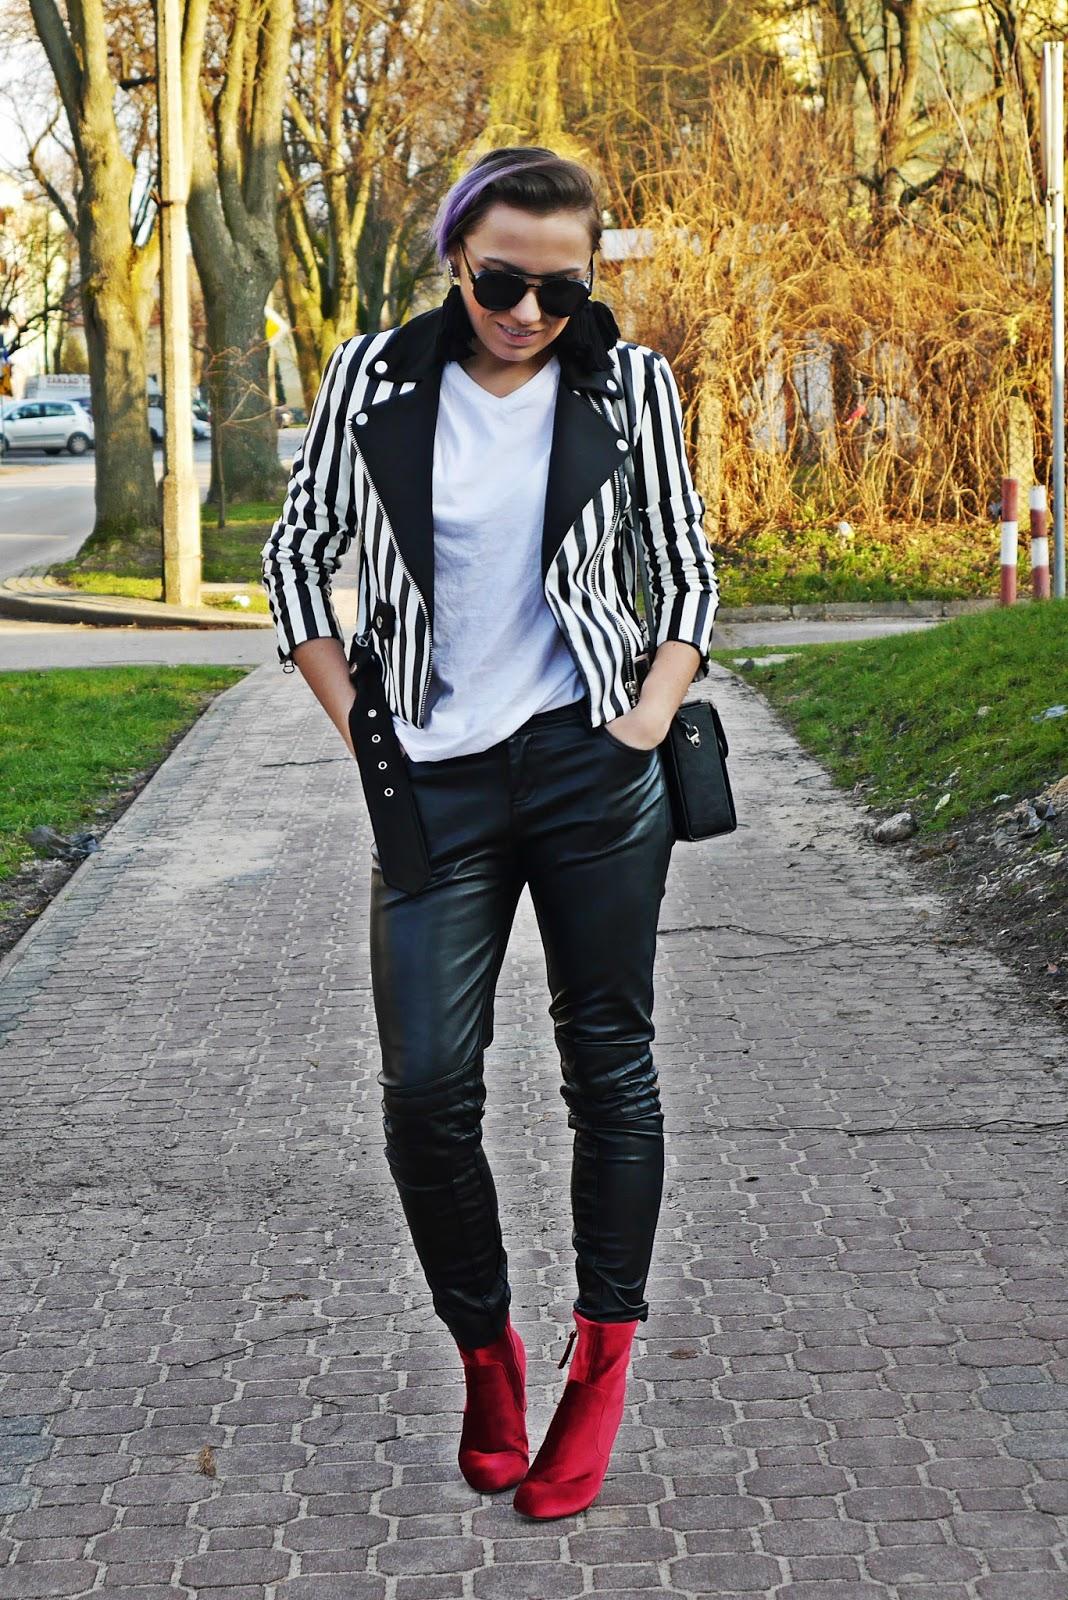 4_ramoneska_paski_skorzane_spodnie_welurowe_botki_karyn_blog_modowy_111217a